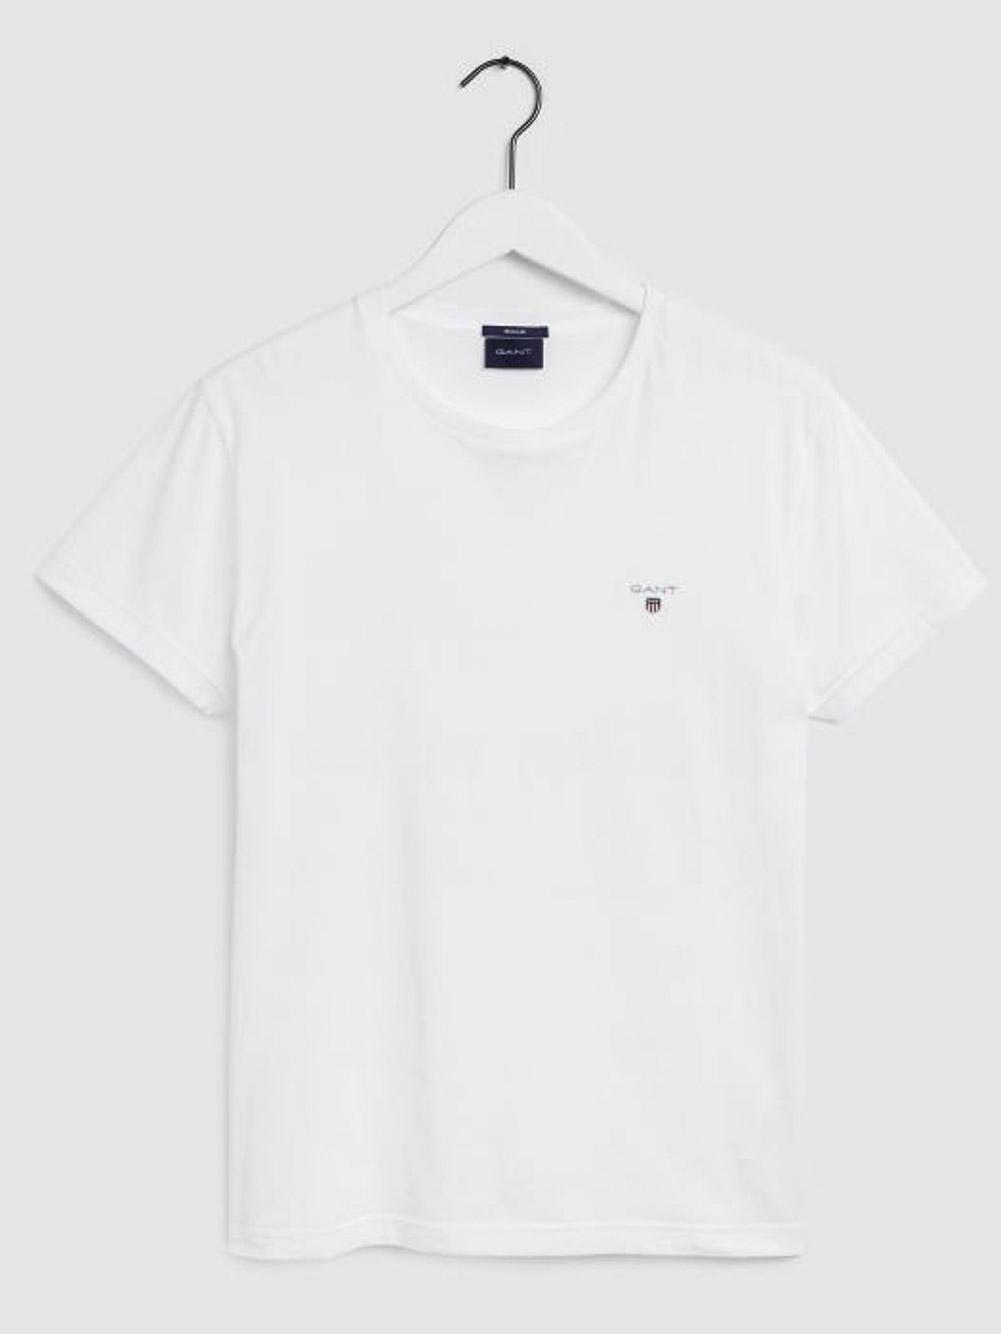 GANT Μπλούζα t-shirt 3G234100-110 ΛΕΥΚΟ